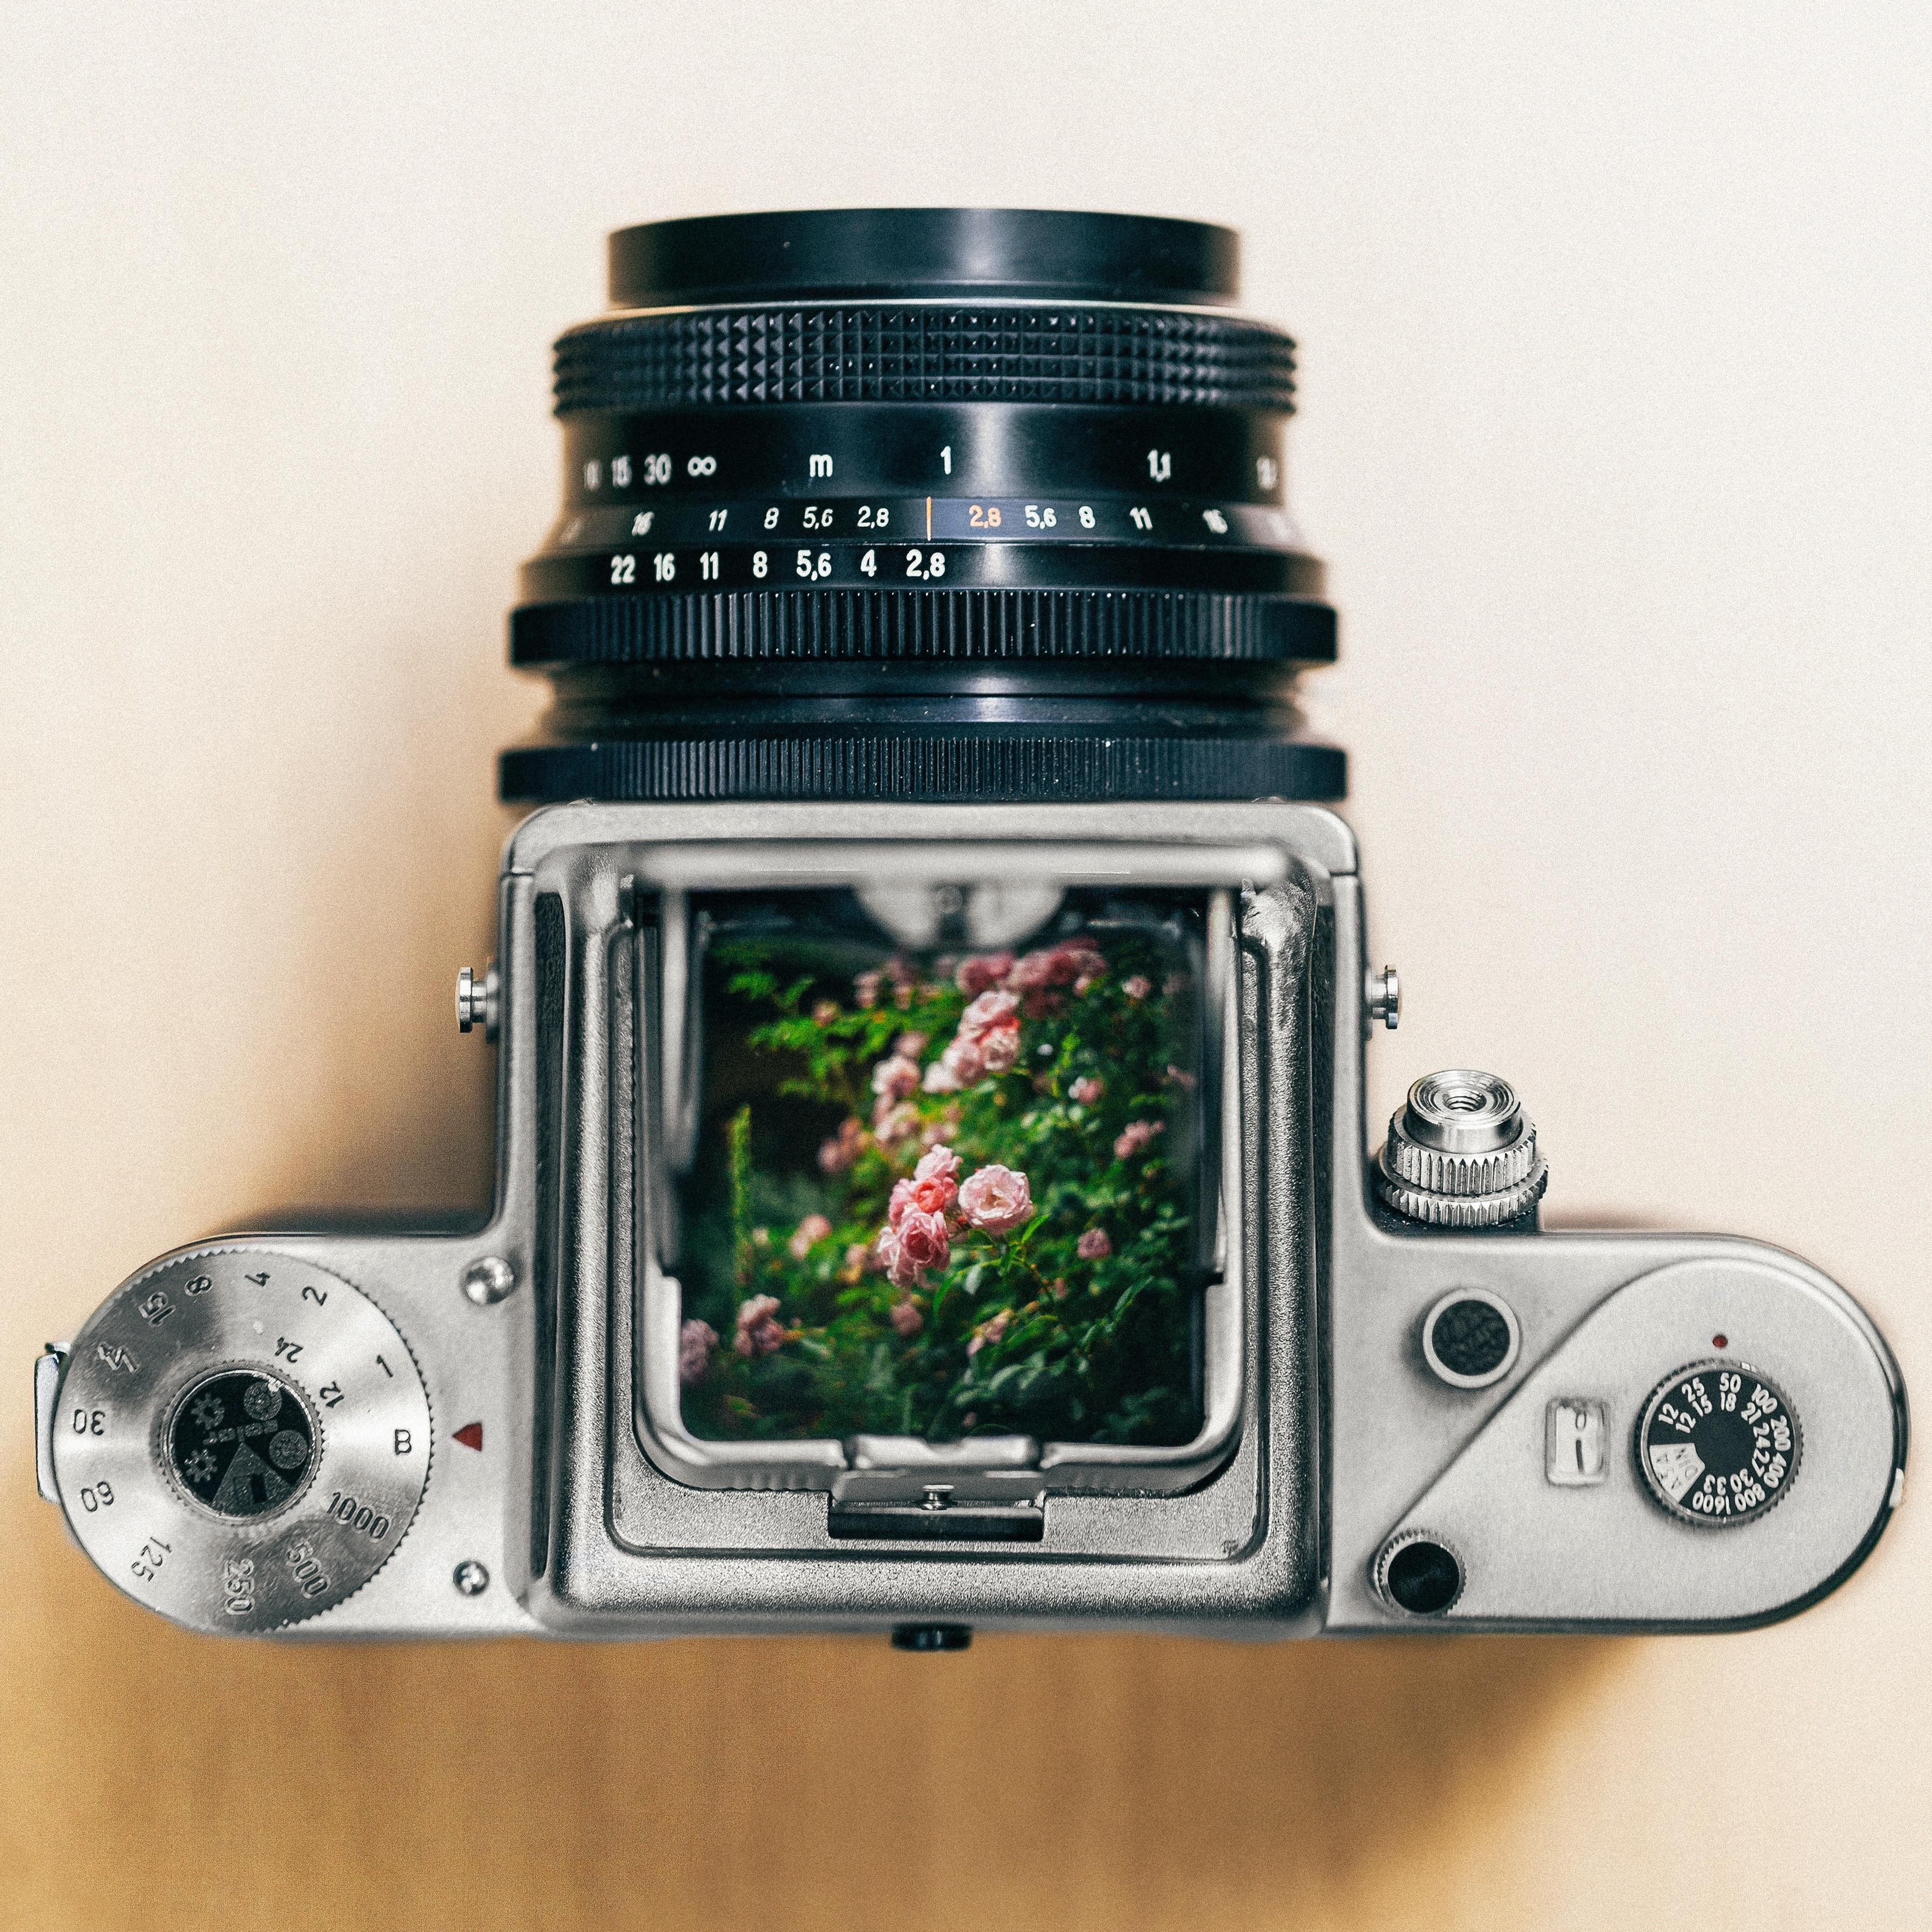 середине лета фотобанки для цифровиков руководтсво созданию